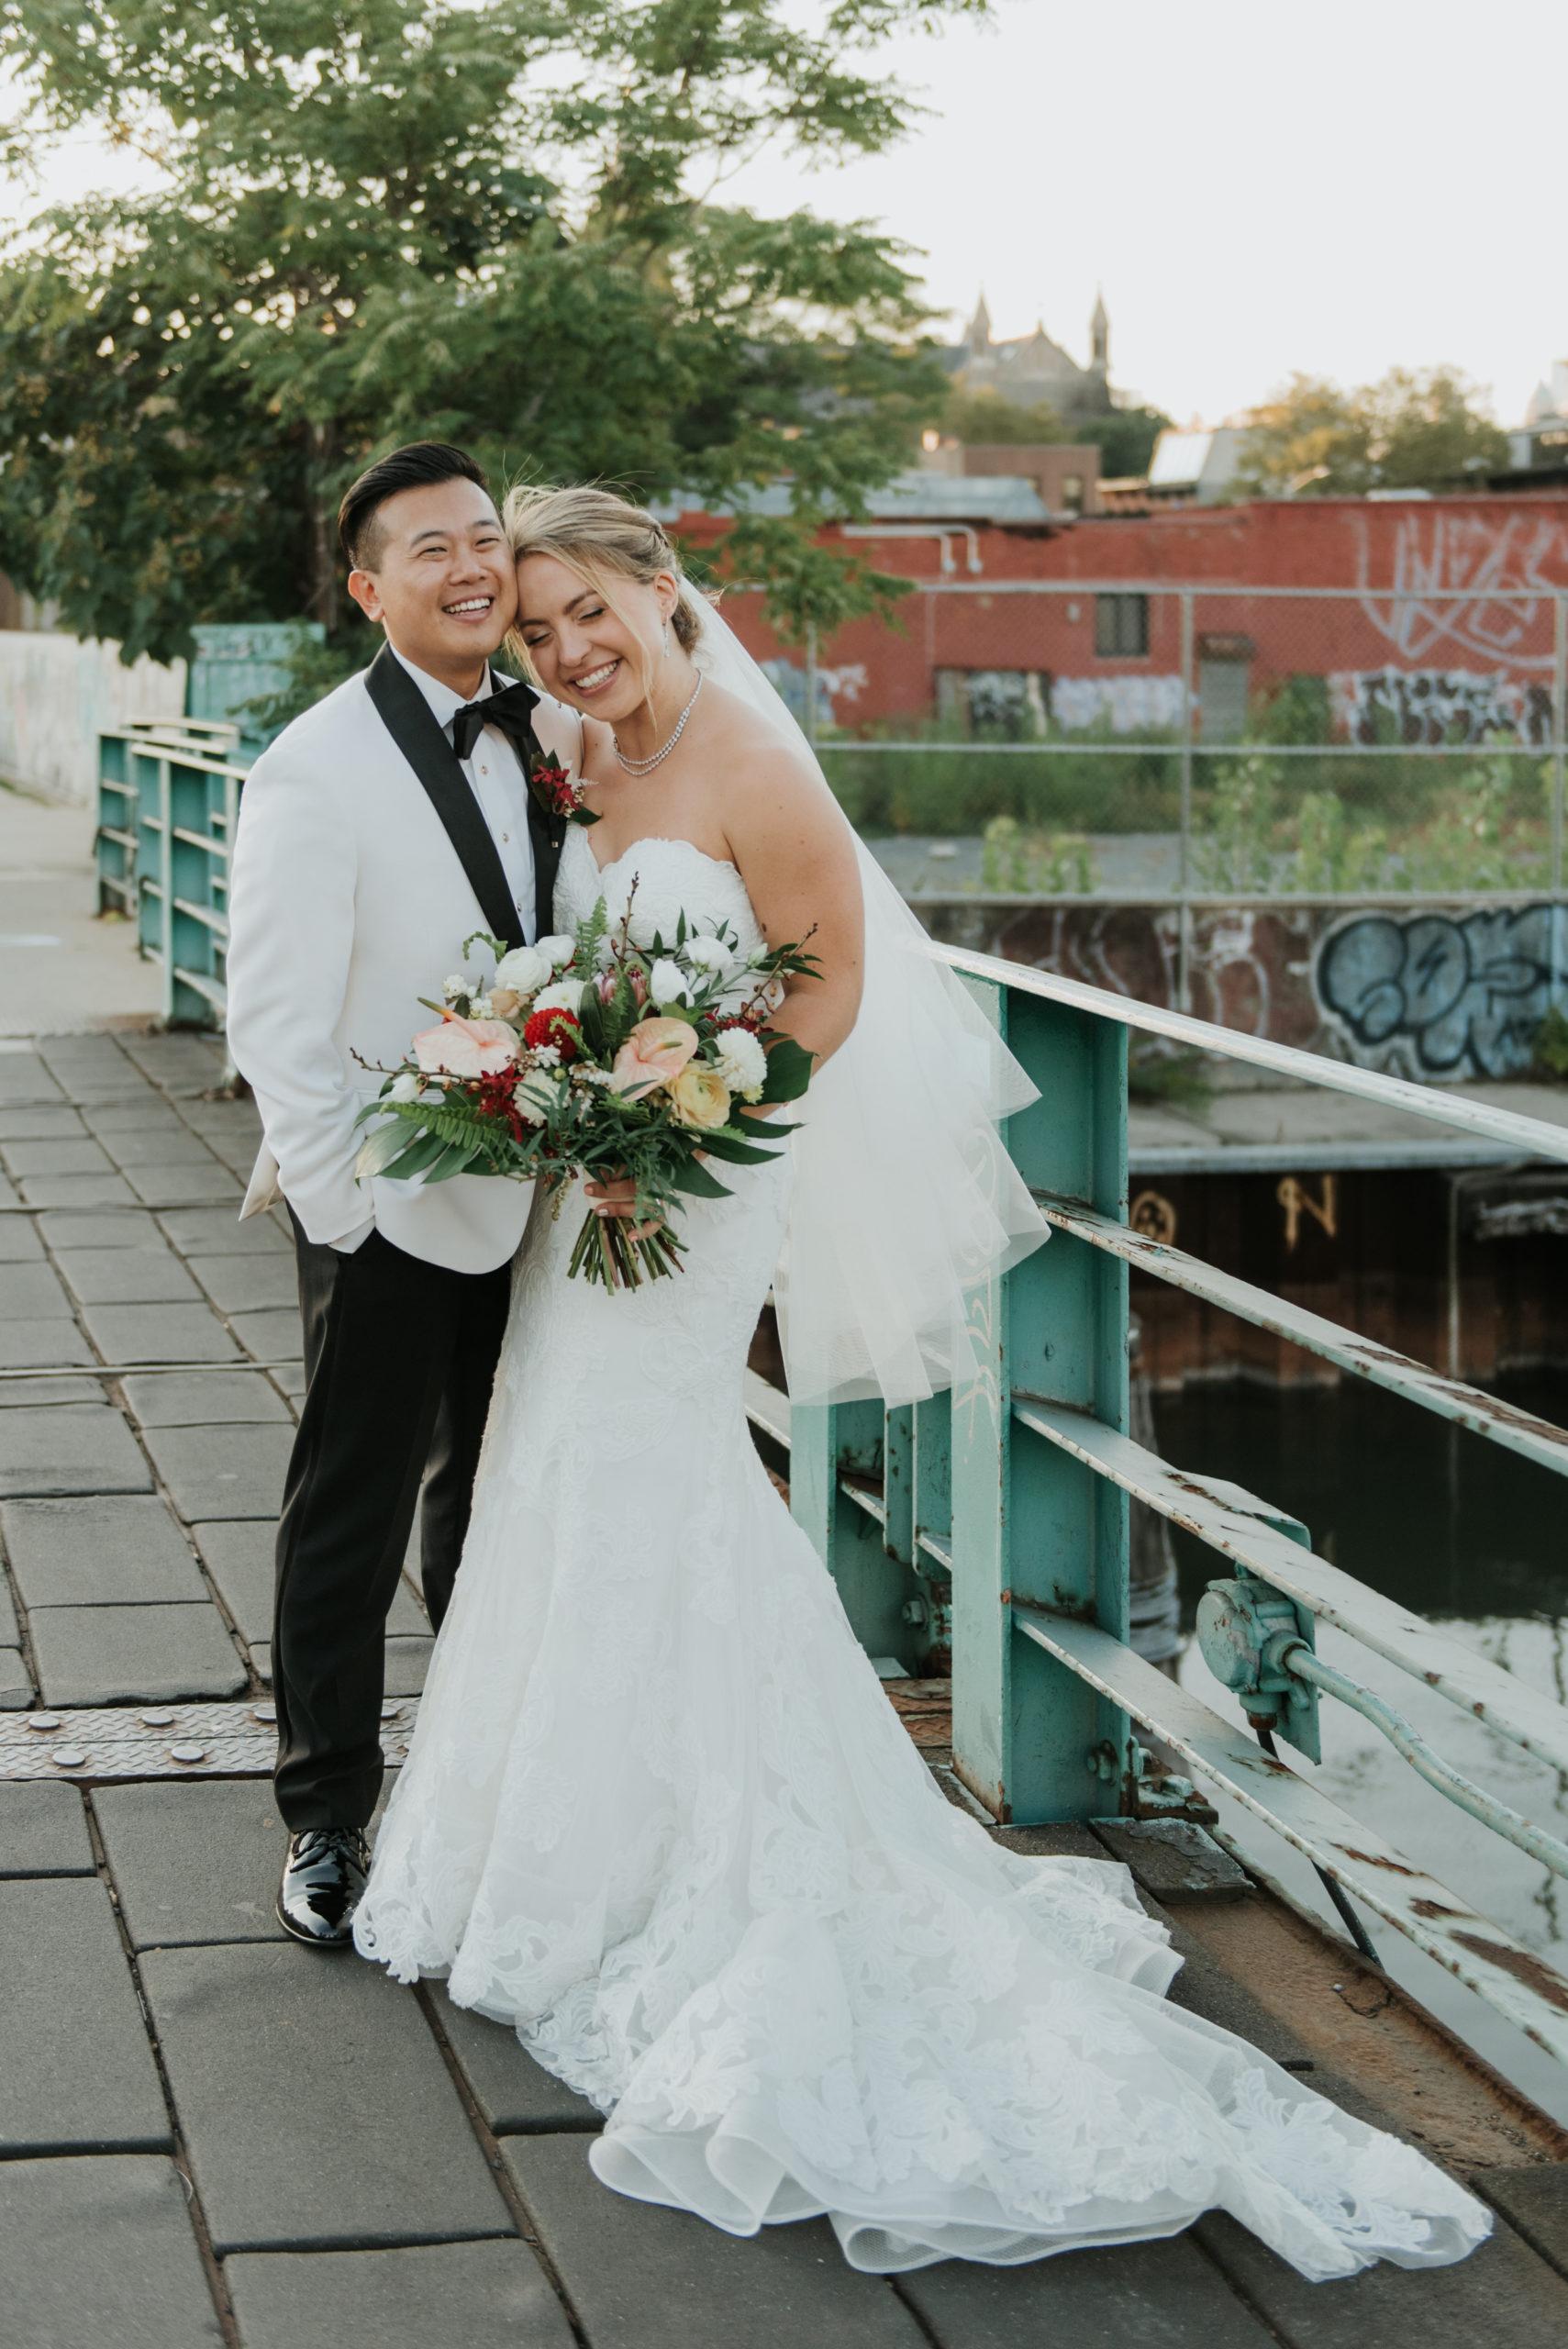 Stylish Tropical-Inspired Wedding in Brooklyn 10